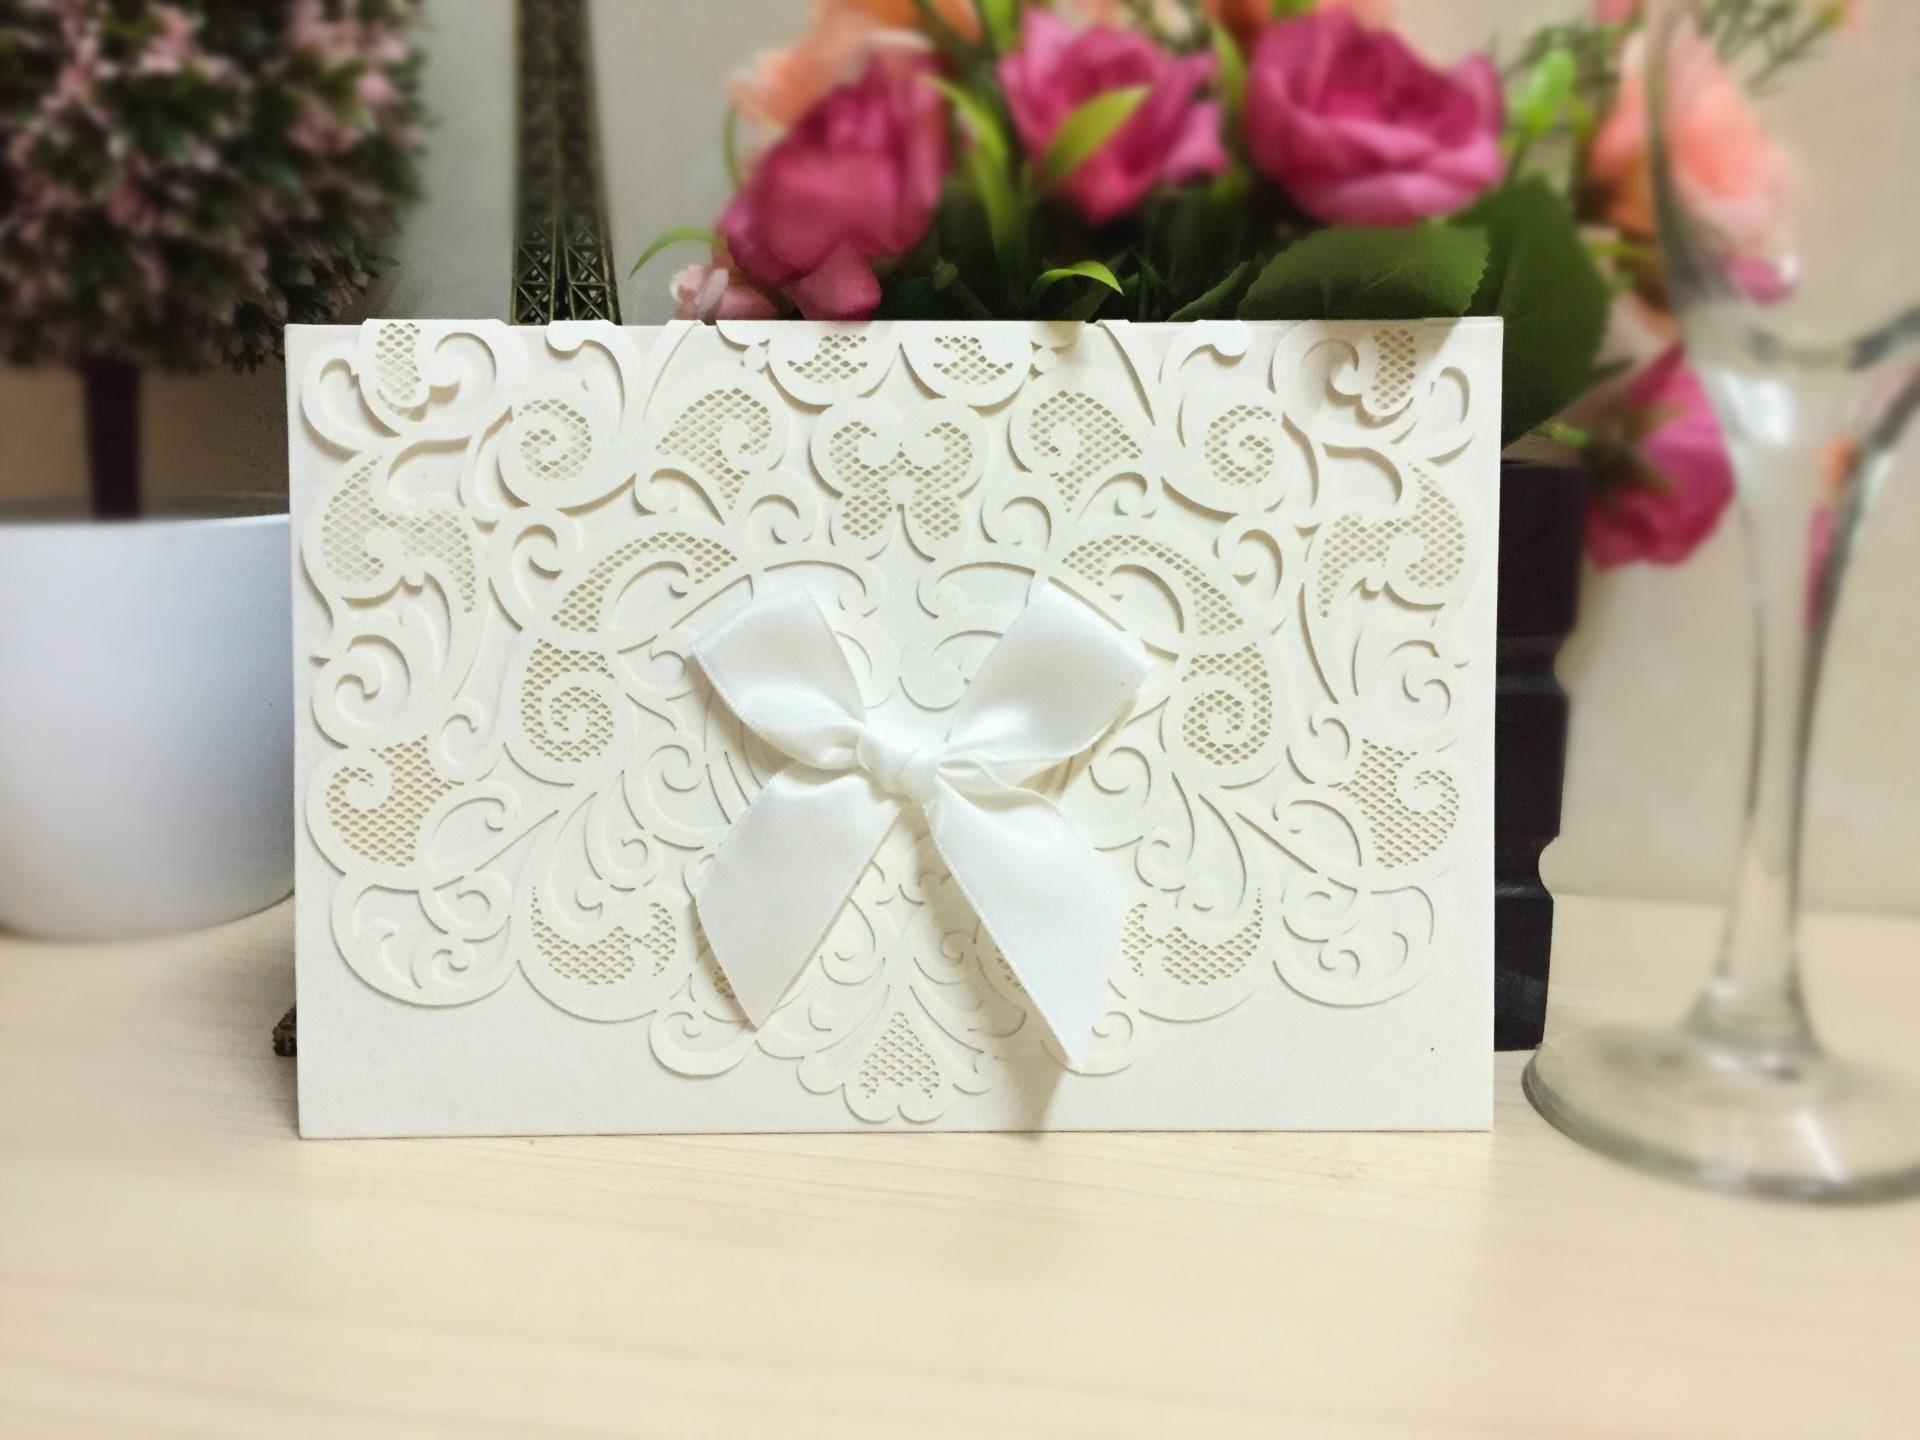 Best Invitation Cards Unique Wedding Invitation Card Design Superb Inv Fun Wedding Invitations Wedding Invitation Card Design Christian Wedding Invitations